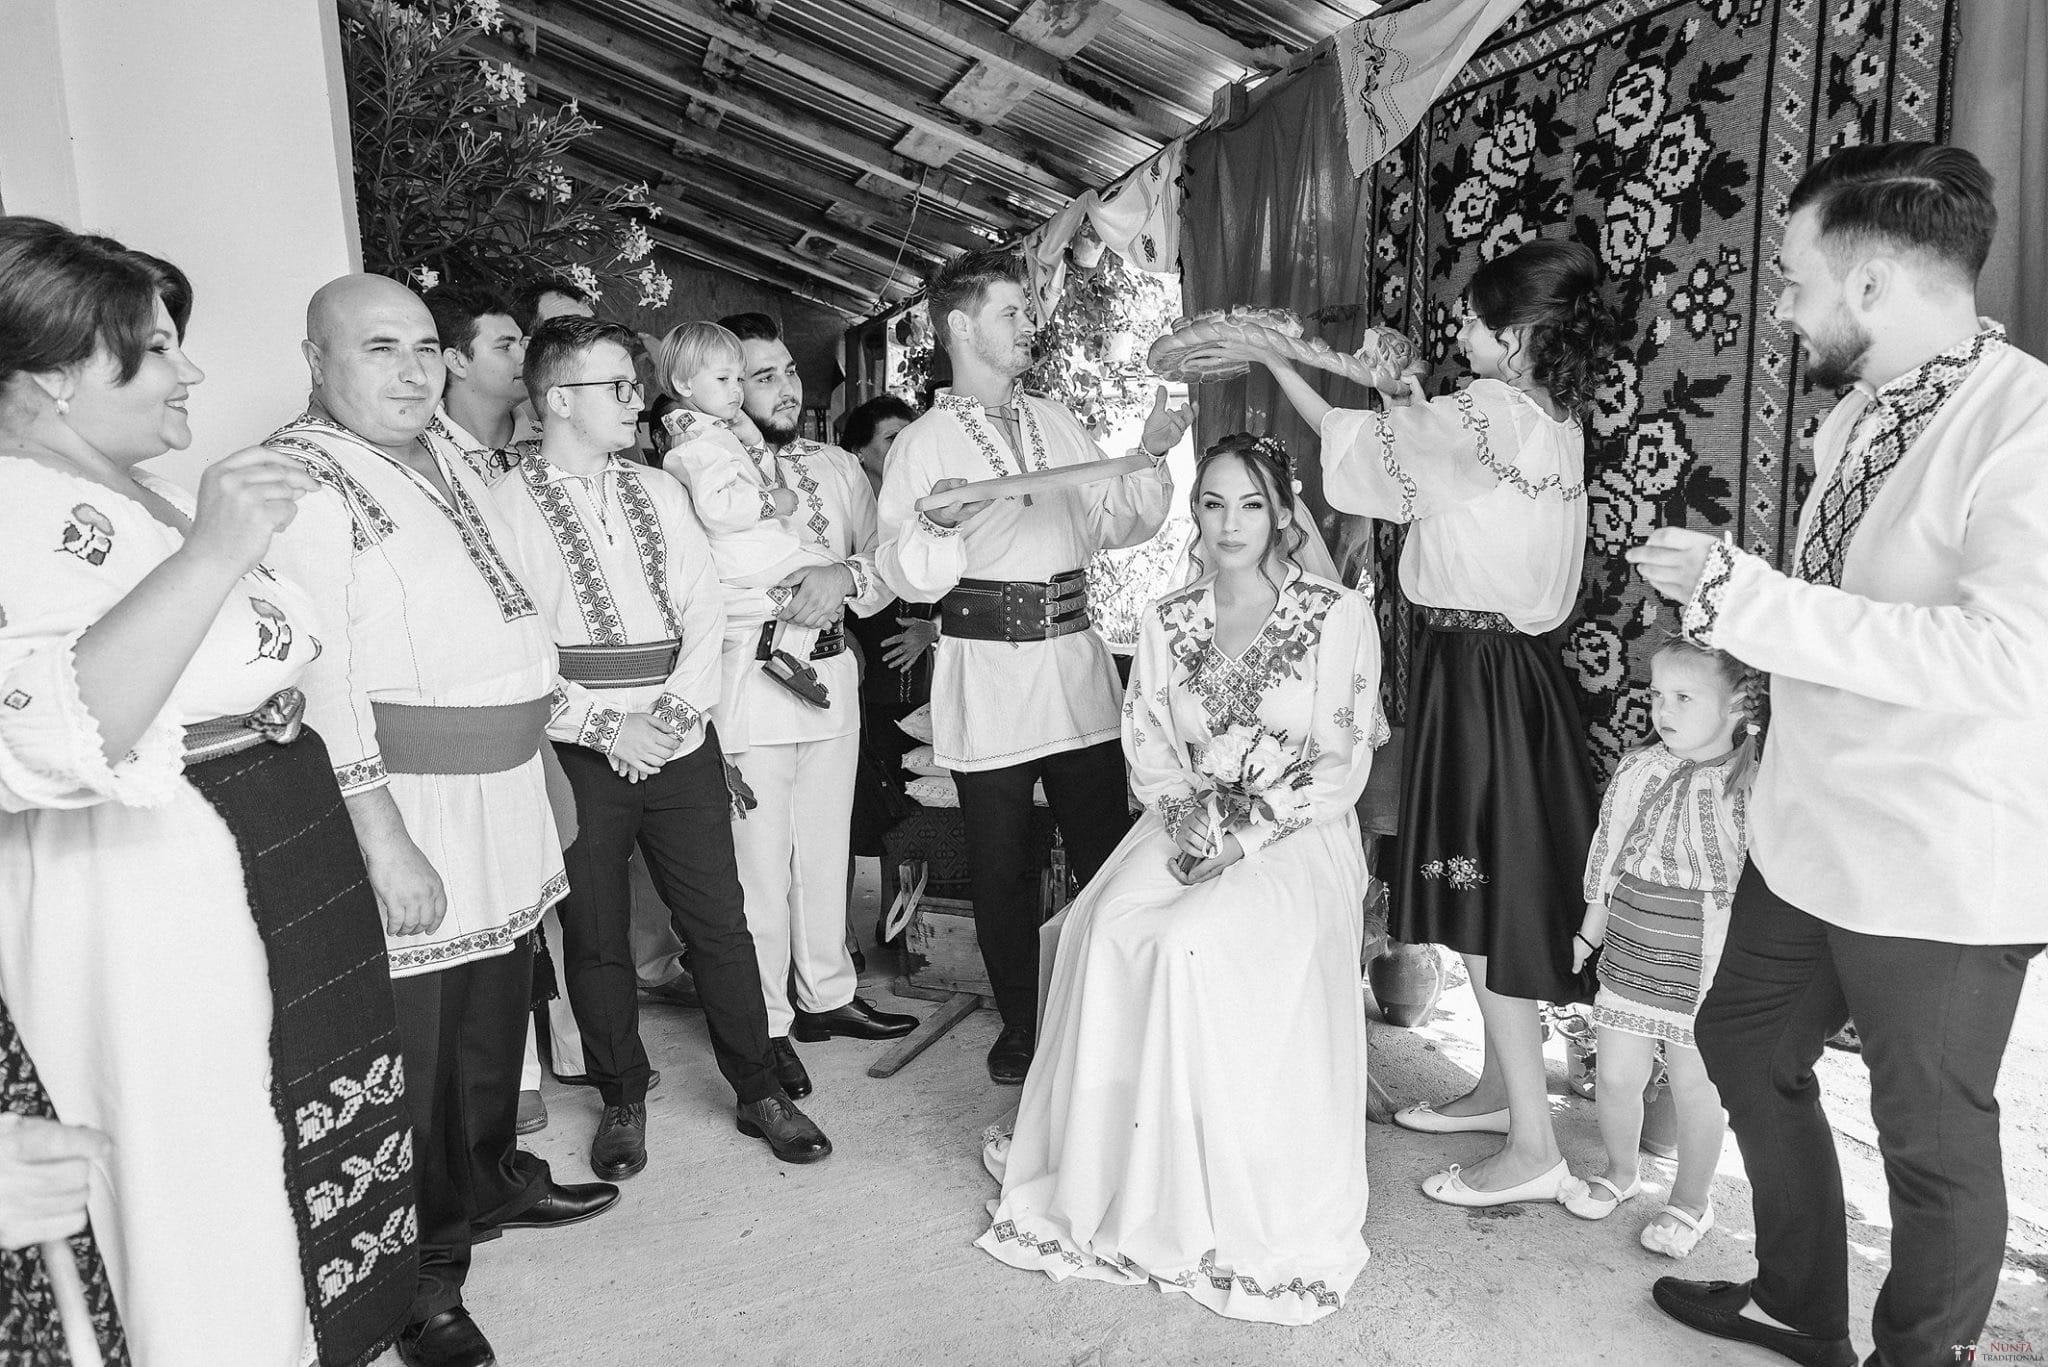 Povești Nunți Tradiționale - Daniela și Cristian, nuntă tradițională în Slobozia, Giurgiu 45